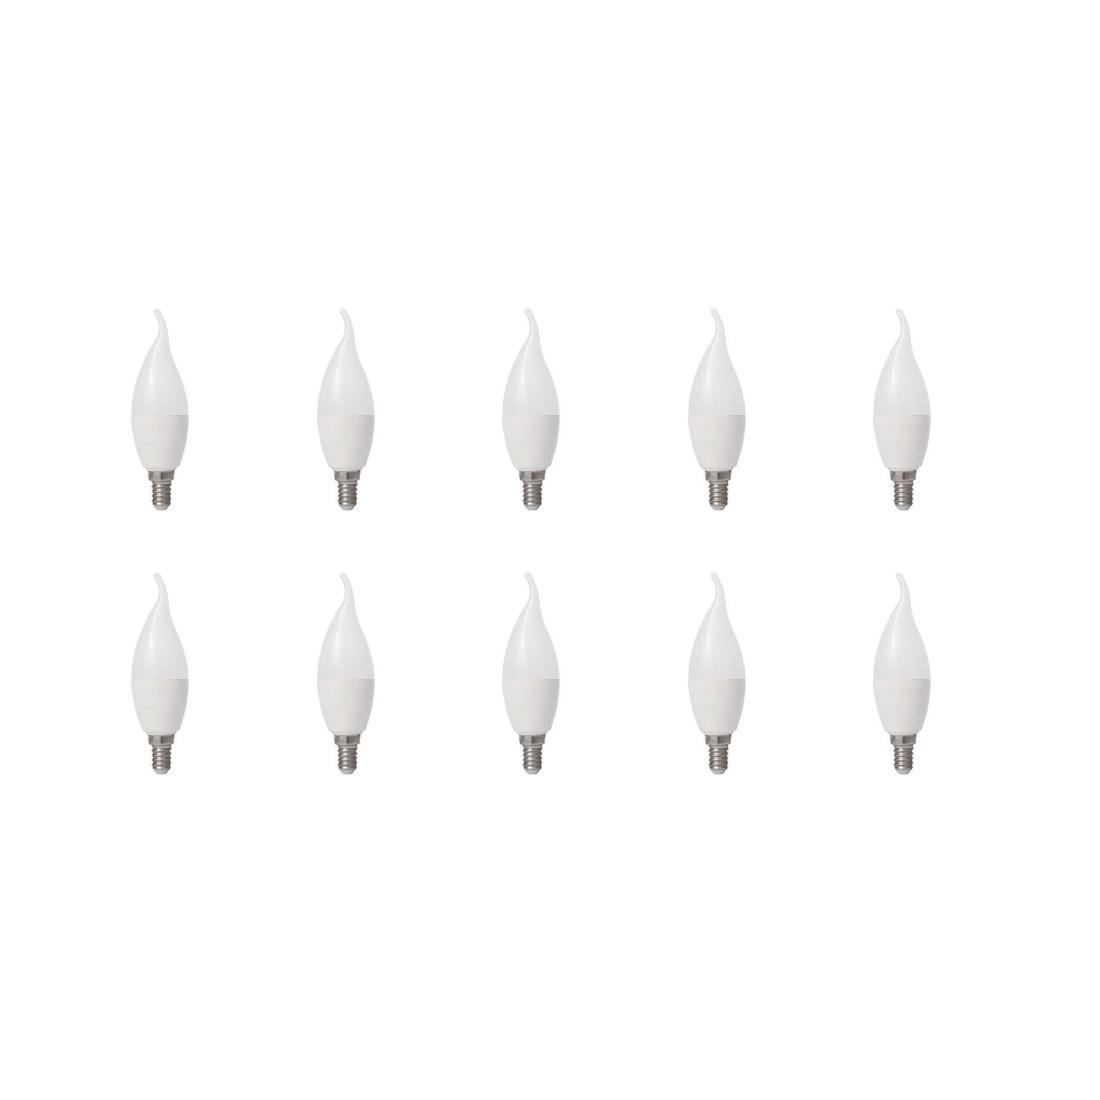 لامپ ال ای دی 7 وات جریکو مدل شمعی پایه E14 بسته 10 عددی